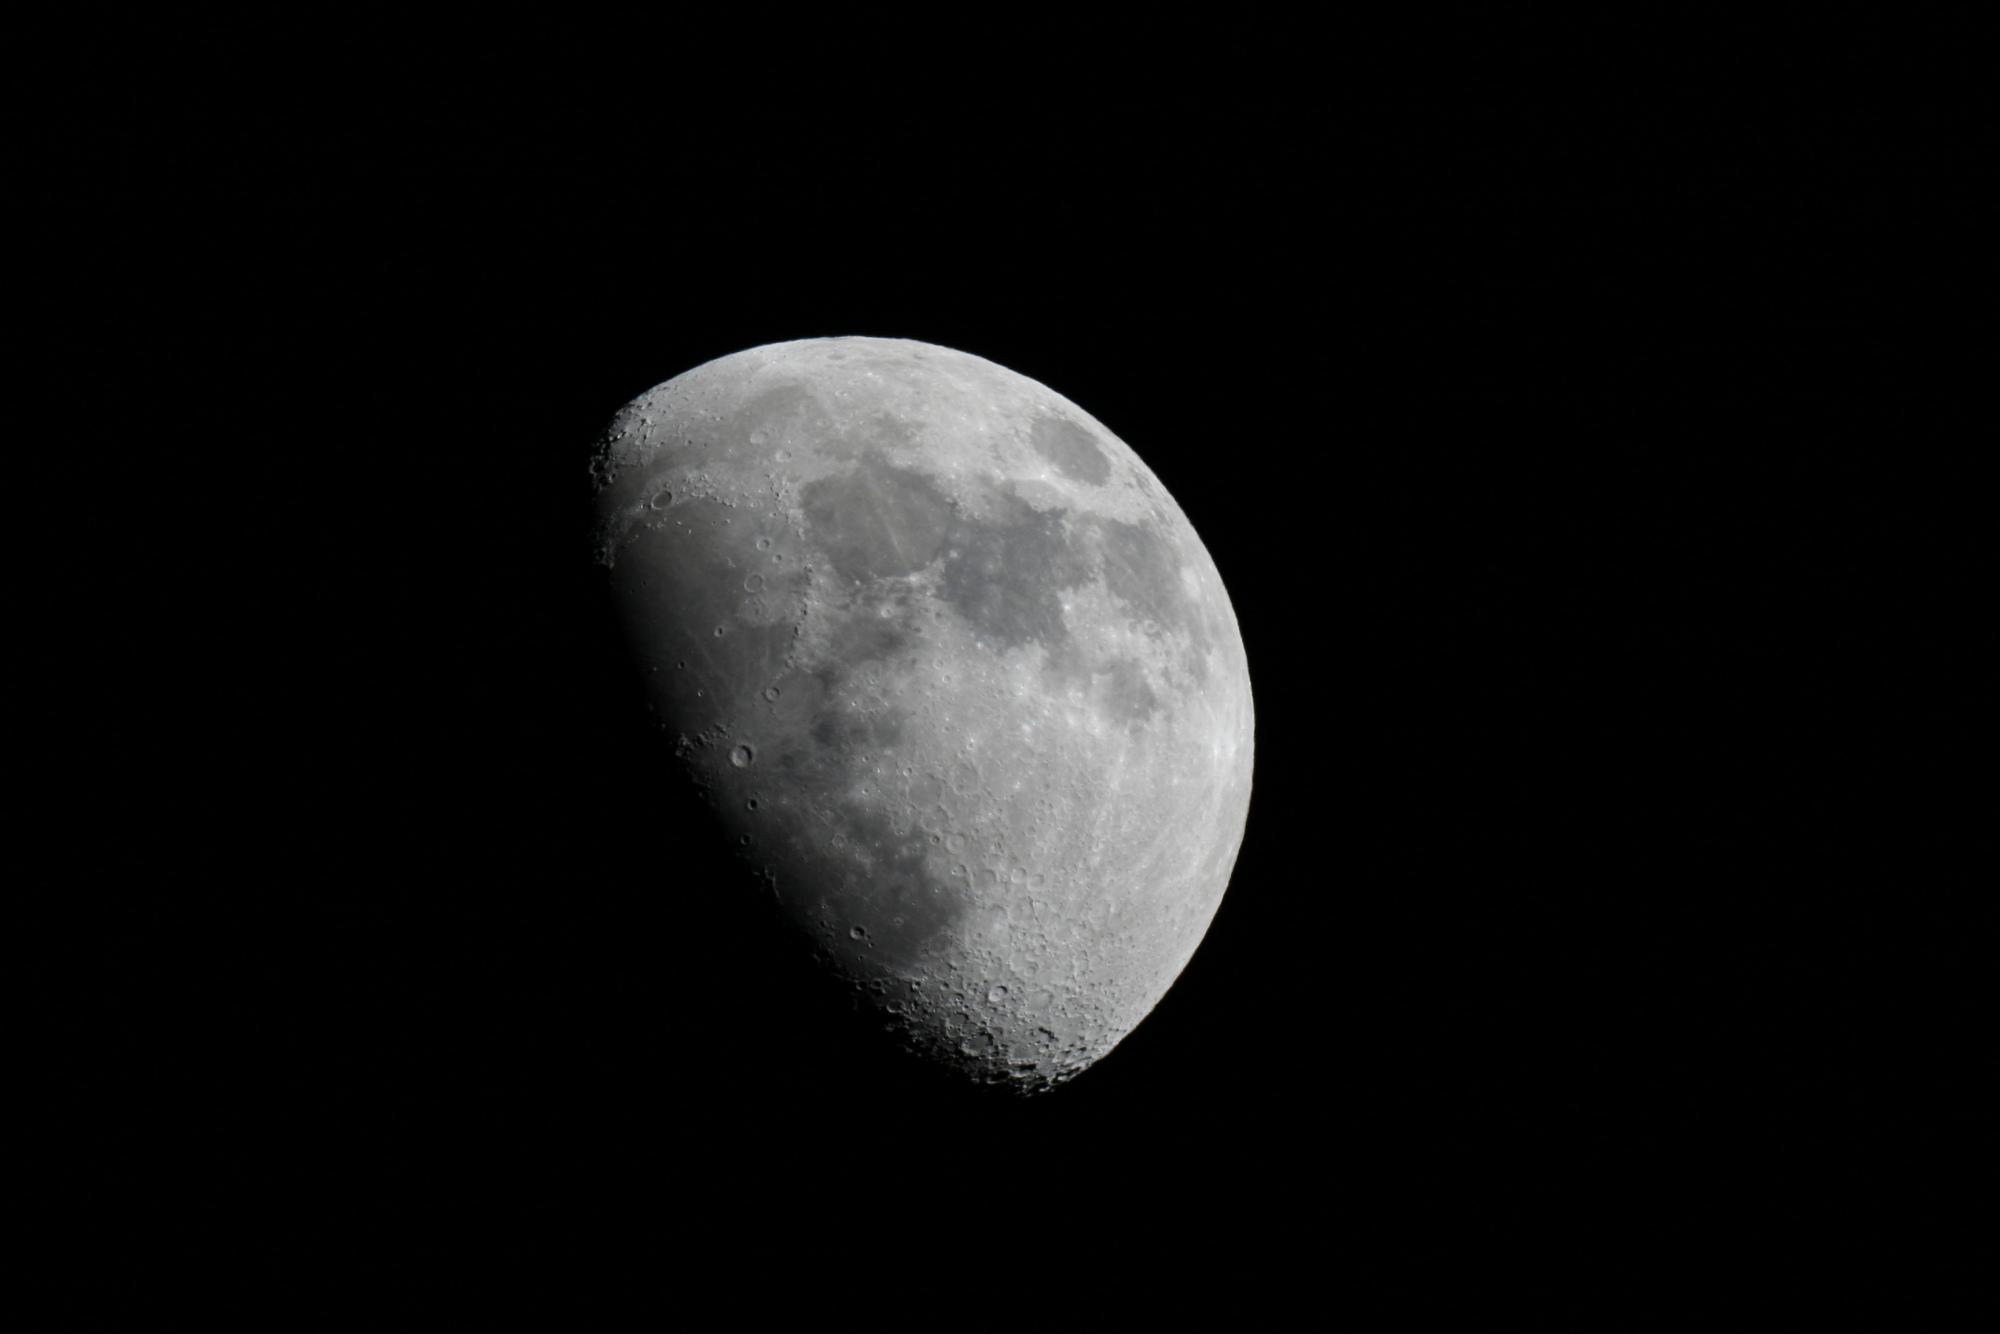 Lune-M-N-IMG_7935-JPG-DPP.JPG